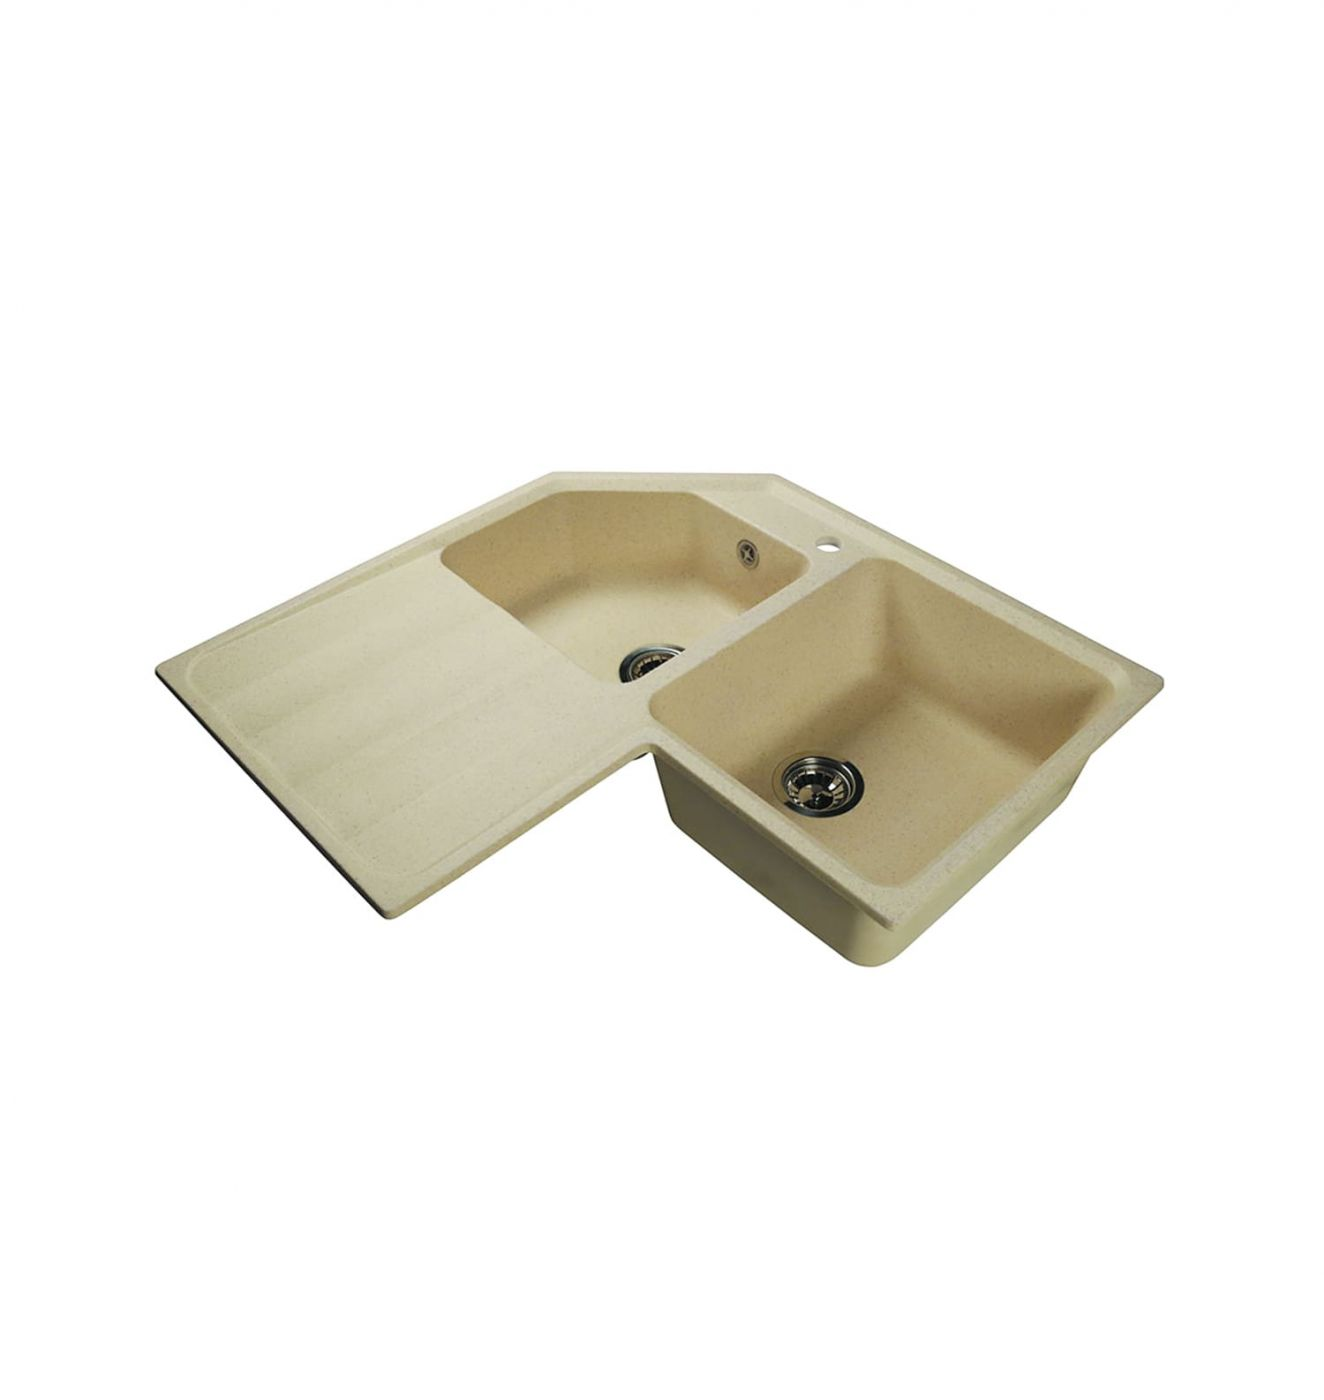 Врезная кухонная мойка LEX Moreno 830 Ivory  83х83см искусственный мрамор RULE000136